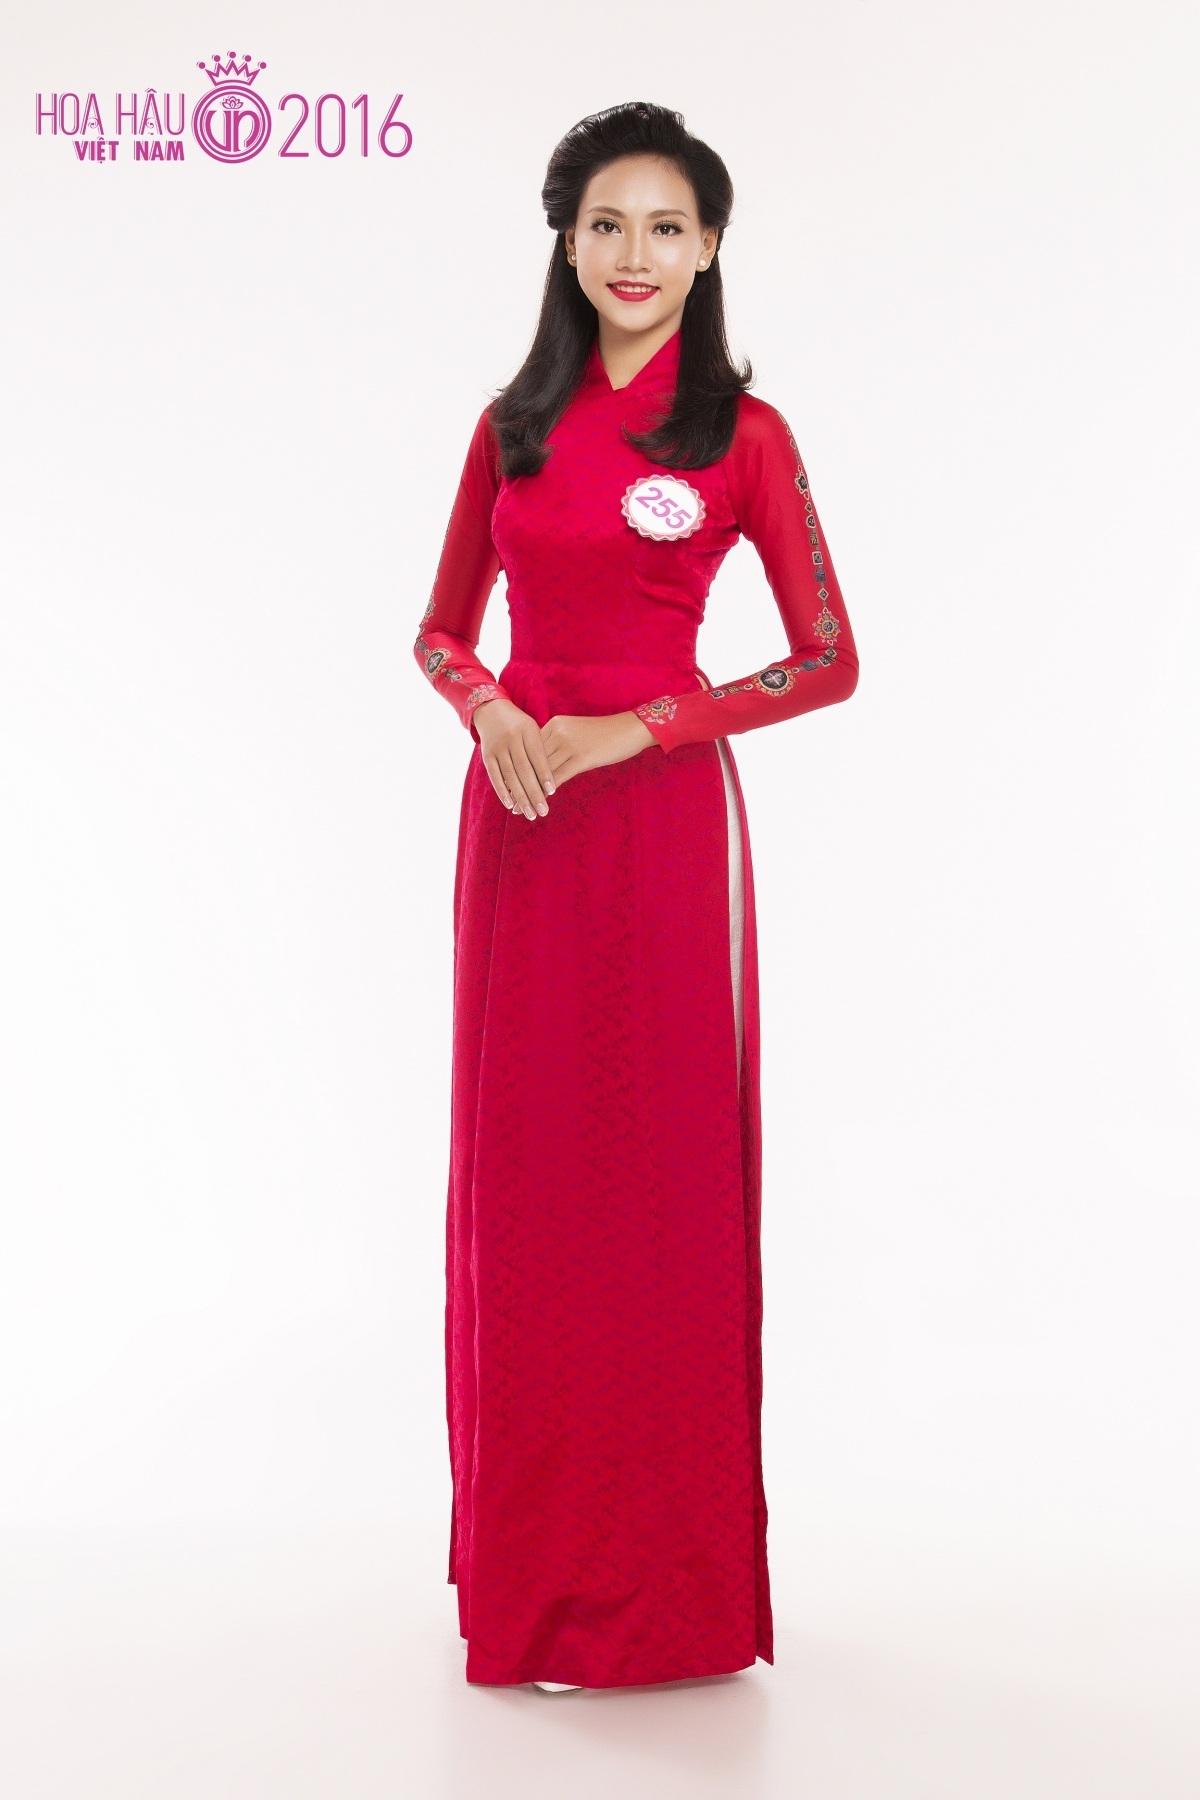 Cô gái 19 tuổi tâm sự, chiều cao lợi thế từng khiến cô bị bạn bè trêu chọc. Cô mong muốn tham dự Hoa hậu Việt Nam 2016 để khẳng định sự tự tin và gạt bỏ những định kiến dành cho chiều cao của cô.